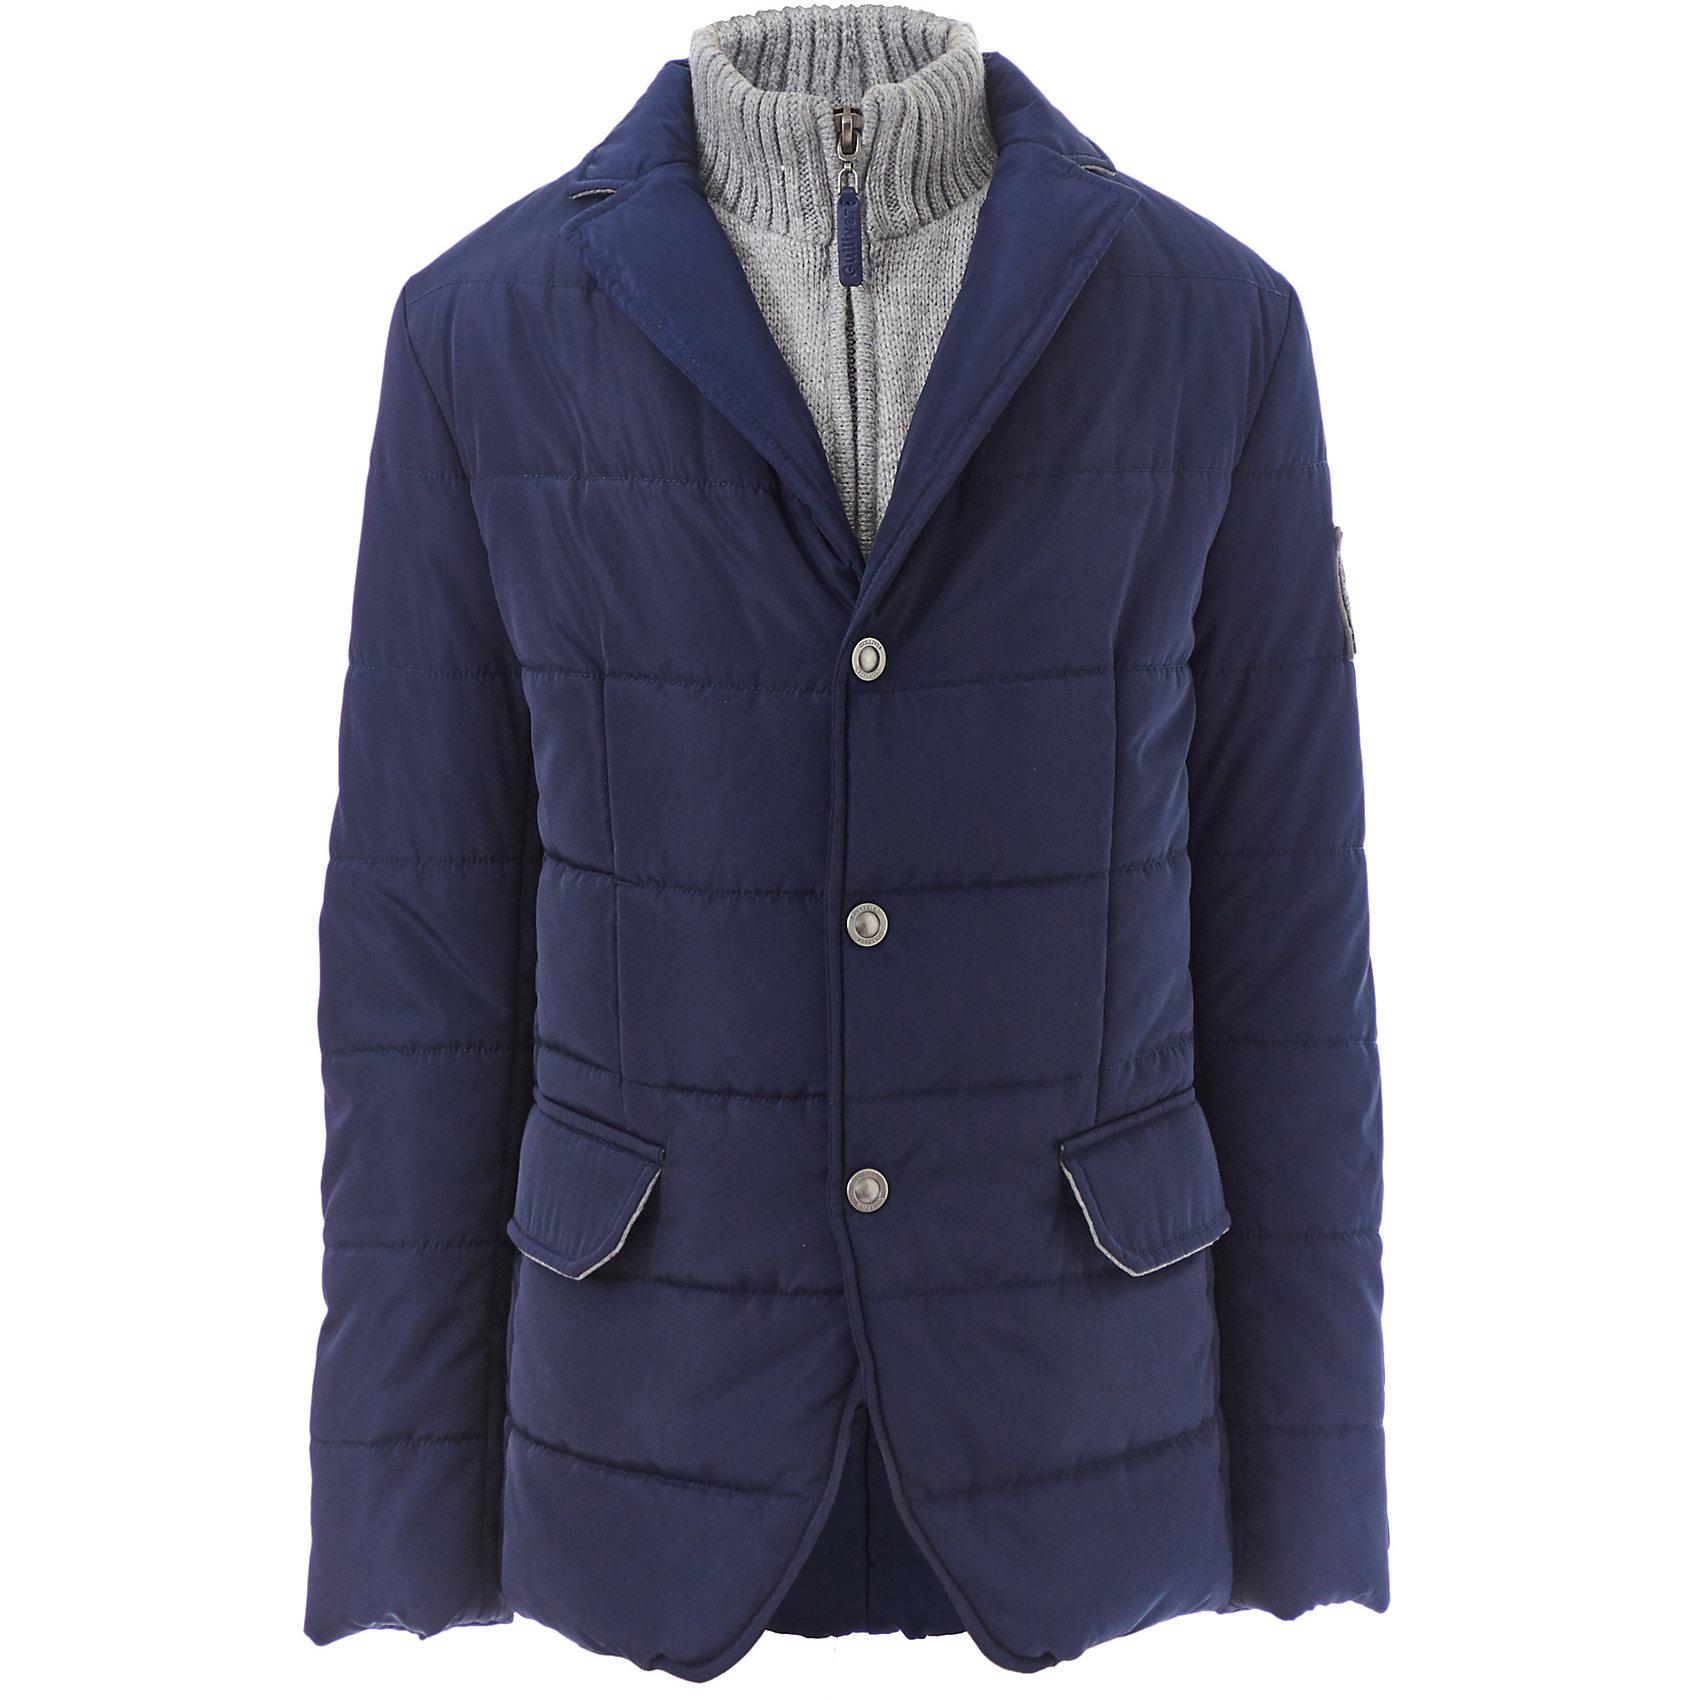 Куртка Gulliver для мальчикаДемисезонные куртки<br>Куртка Gulliver для мальчика<br>Этот уютный кардиган для мальчика - олицетворение комфорта. Он подарит тепло и порадует ребенка оригинальным дизайном! Мягкость, легкость, хороший состав и отличный внешний вид принесут удовольствие от покупки и эксплуатации. Если вы хотите купить кардиган для мальчика, модель, созданная в лучших традициях Gulliver - прекрасный выбор!<br>Состав:<br>50% шерсть ягнёнка                  50% нейлон<br><br>Ширина мм: 356<br>Глубина мм: 10<br>Высота мм: 245<br>Вес г: 519<br>Цвет: синий<br>Возраст от месяцев: 156<br>Возраст до месяцев: 168<br>Пол: Мужской<br>Возраст: Детский<br>Размер: 164,146,152,158<br>SKU: 7077304